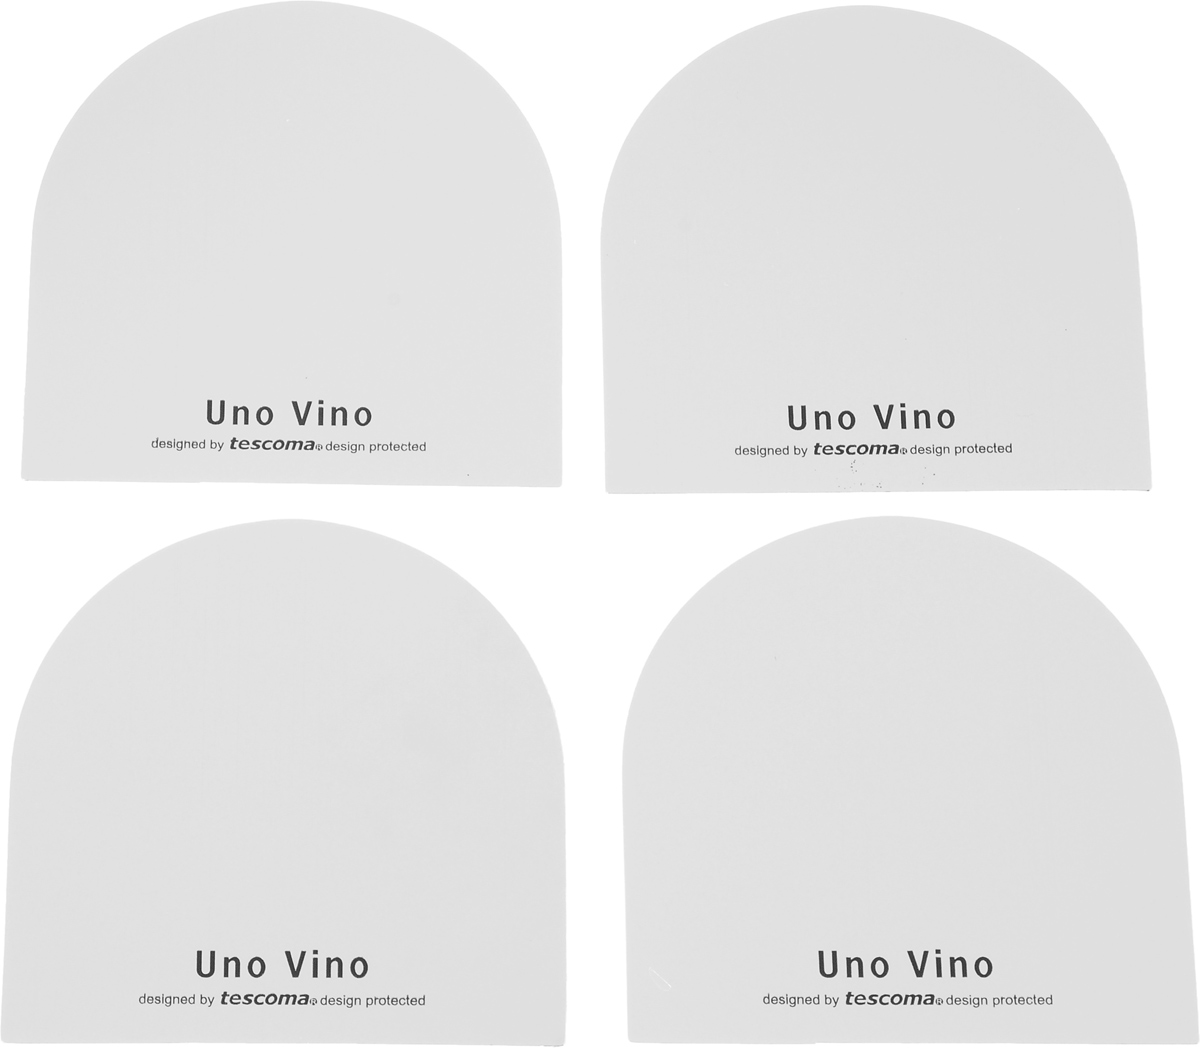 Воронка гибкая Tescoma Uno Vino, 4 шт695524Гибкая воронка Tescoma Uno Vino выполнена из высококачественного алюминия. Такая воронка позволит разлить вино из бутылки, не пролив ни капли.Способ применения: воронку скрутите и вставьте ровным краем в горлышко бутылки такимобразом, чтобы она выступала на 3 см. Изделие пригодно для всех стандартных типов винных бутылок и предназначенодля многоразового использования.